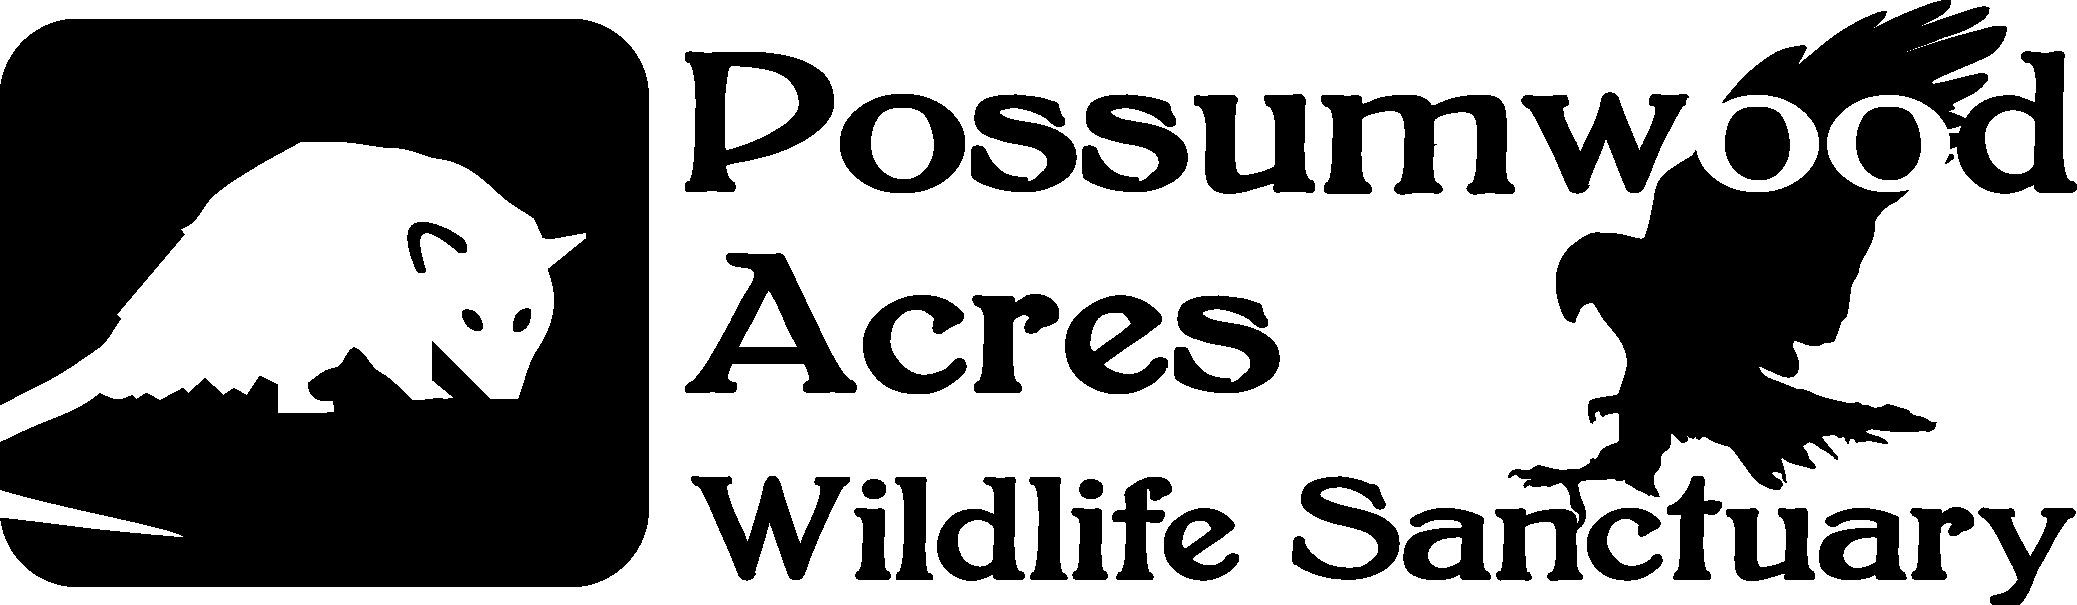 B84c4652-e6d8-41d2-a747-72deca2aa382